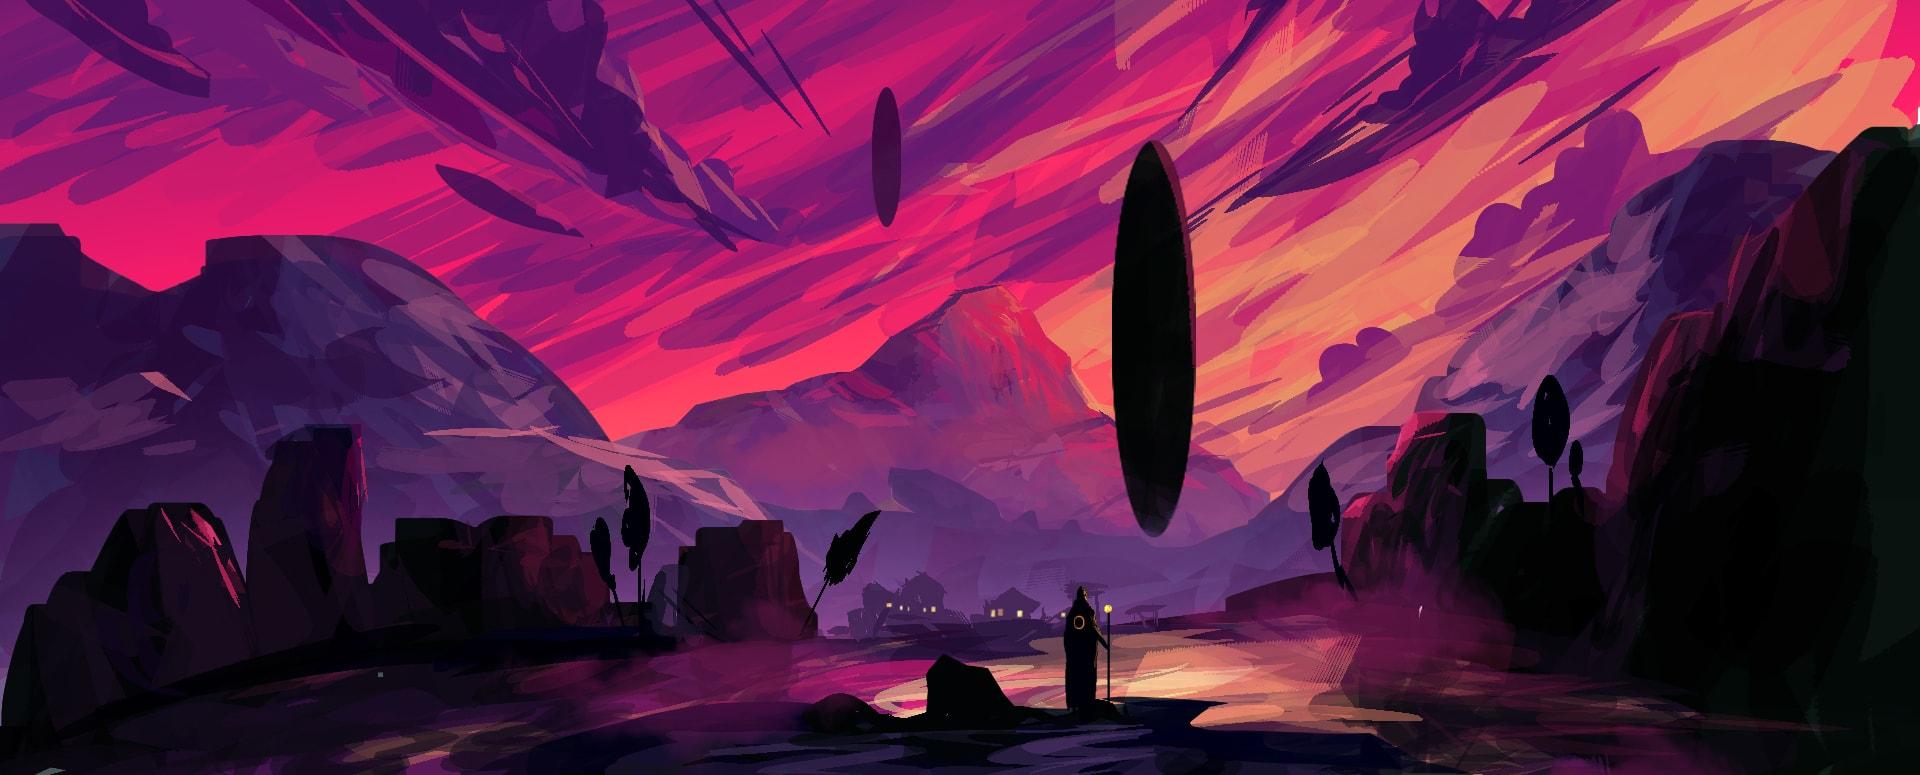 planet-content-content-farm-crisis-desktop-featured-image